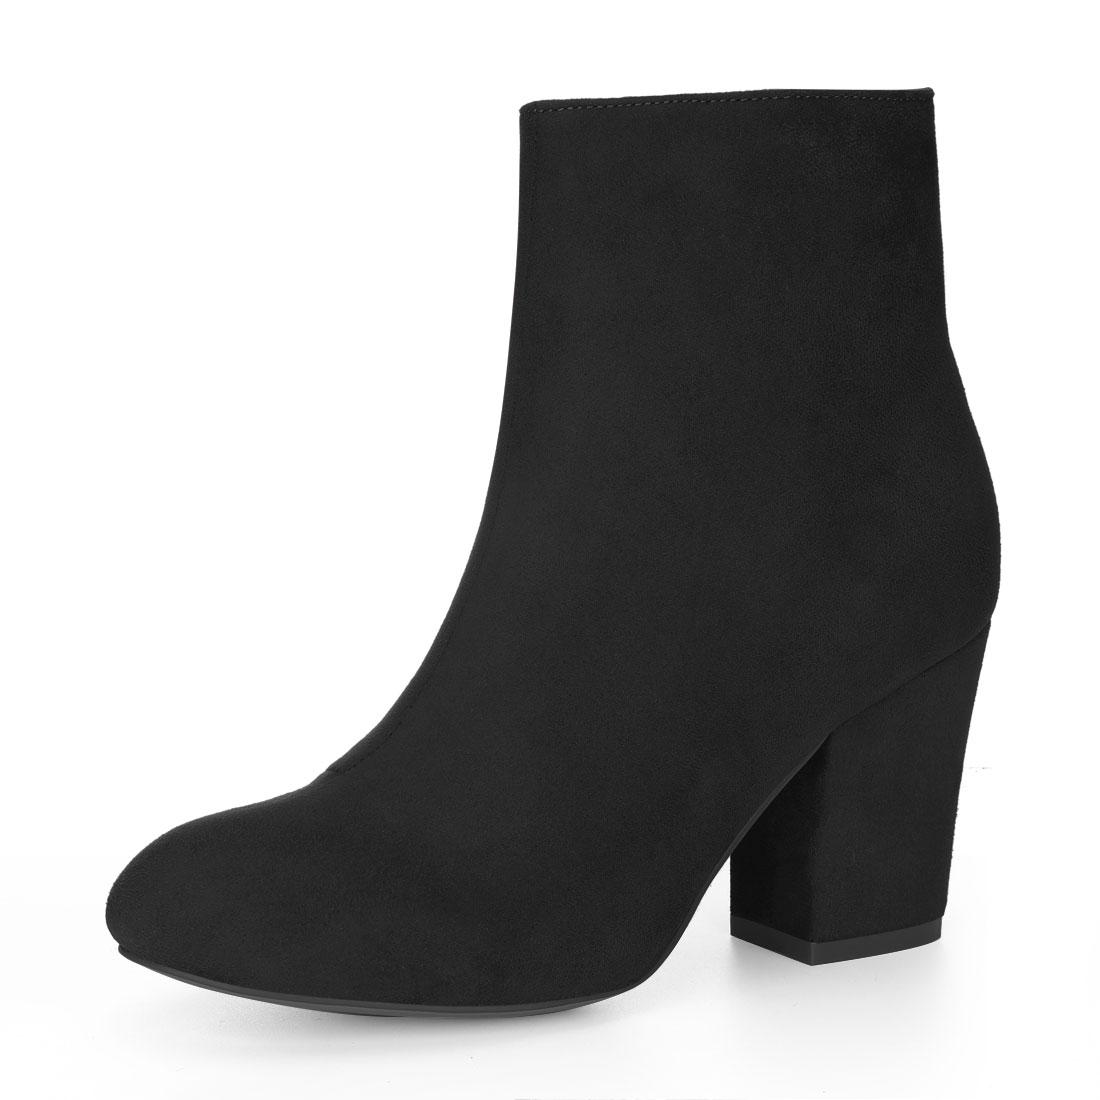 Allegra K Women Round Toe Side Zipper Block Heel Ankle Boots Black US 9